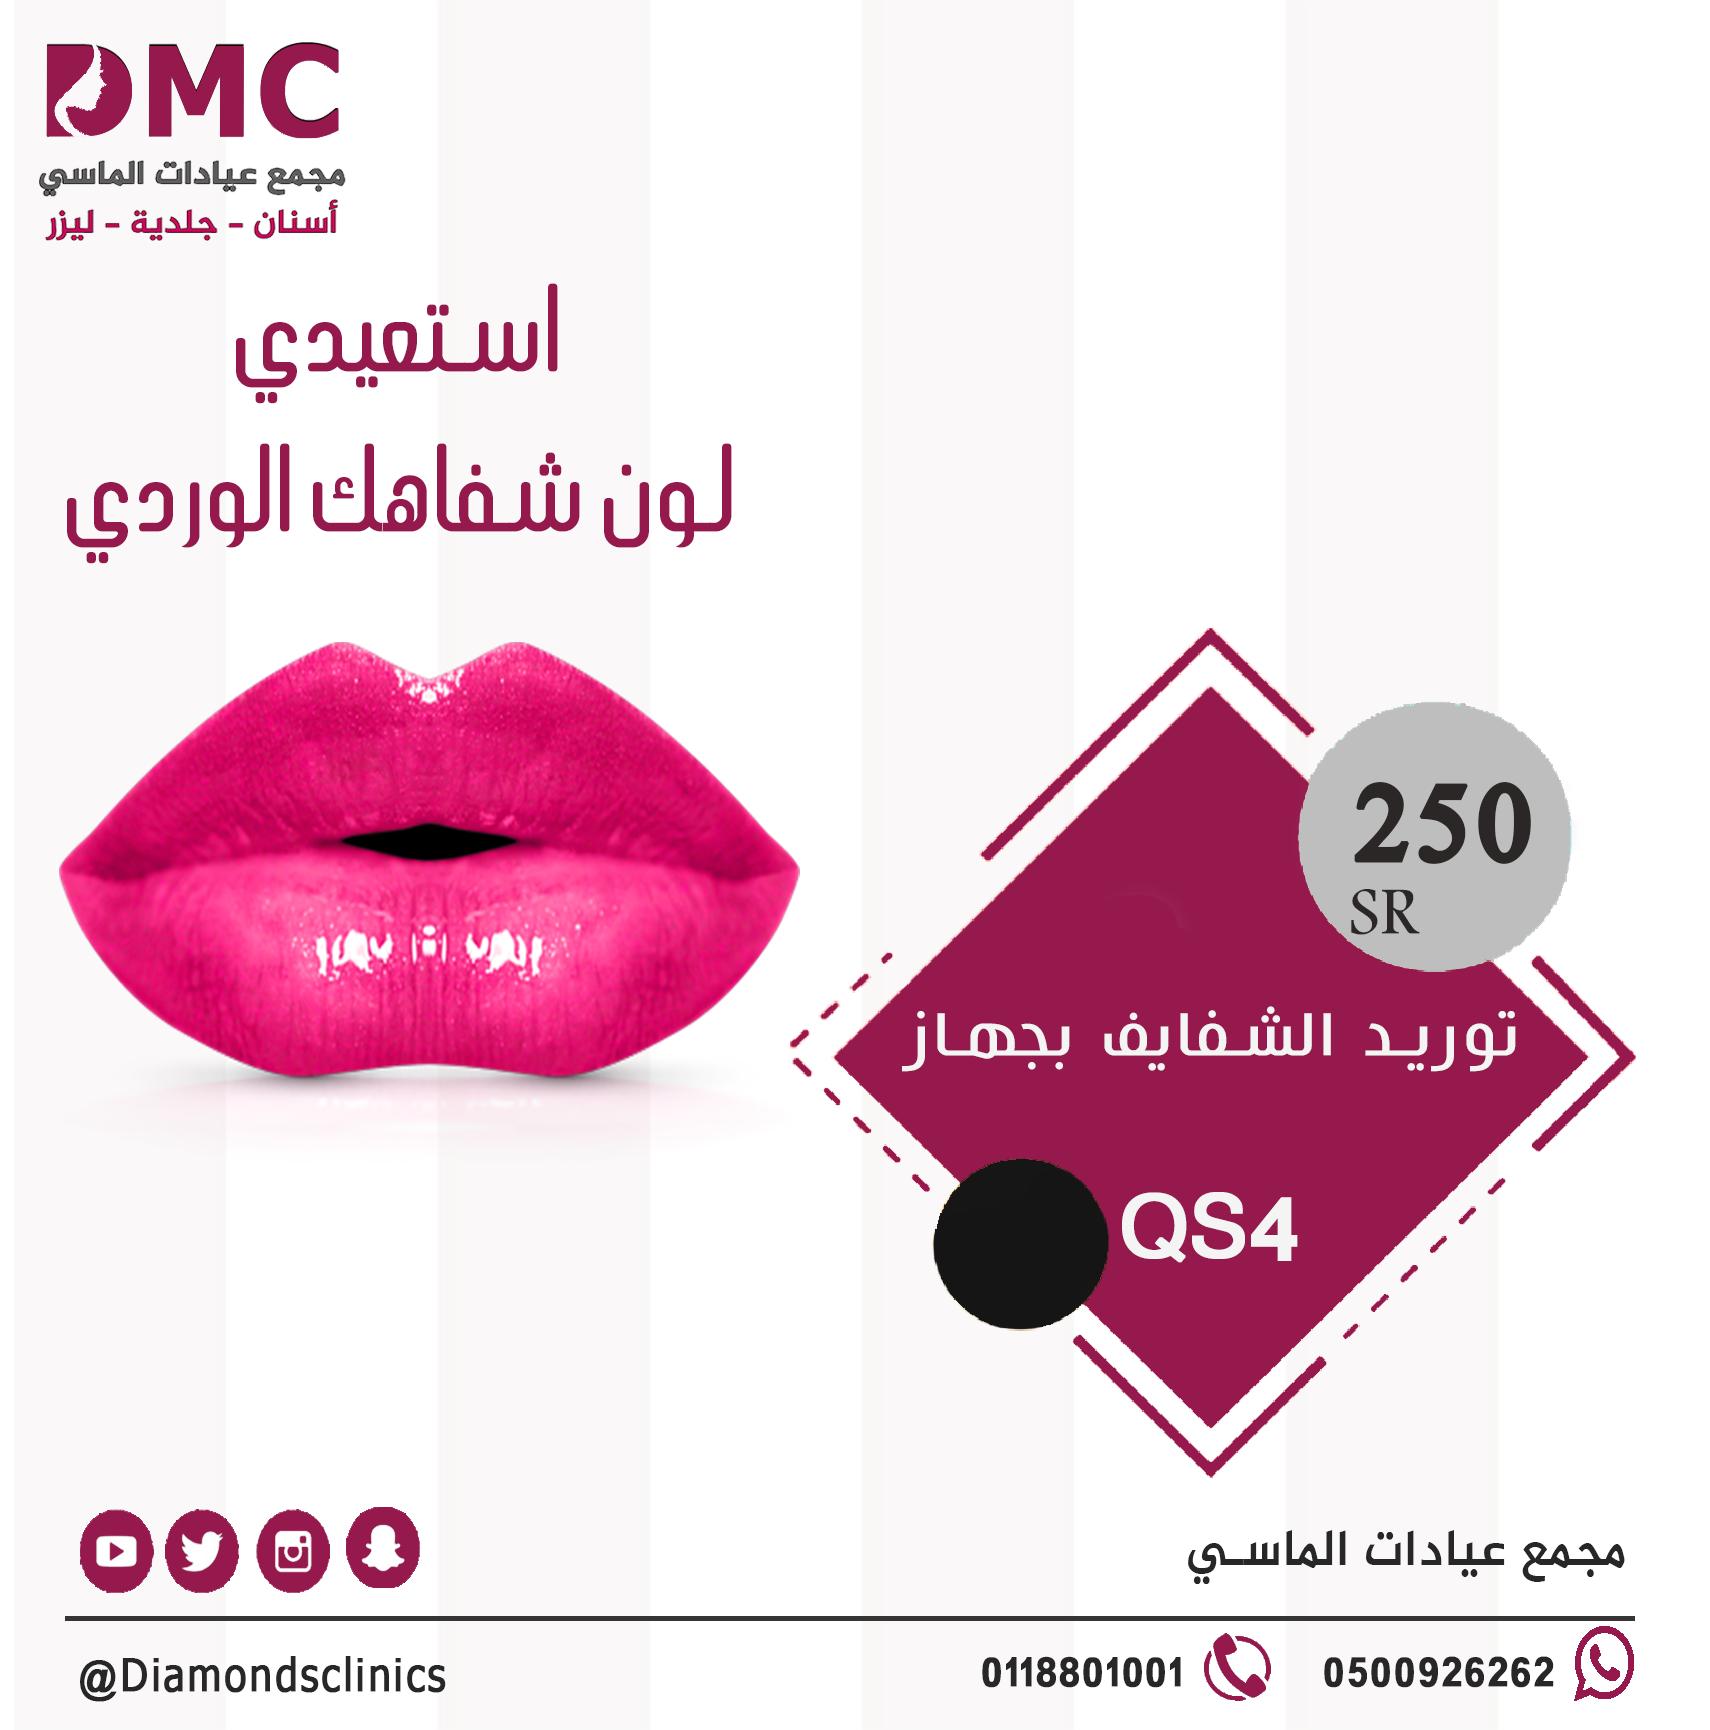 استعيدي لون شفاهكـ الوردي توريد الشفاه بالليزر 250 ريال مجمع عيادات الماسي اسنان جلدية ل Beauty Lipstick